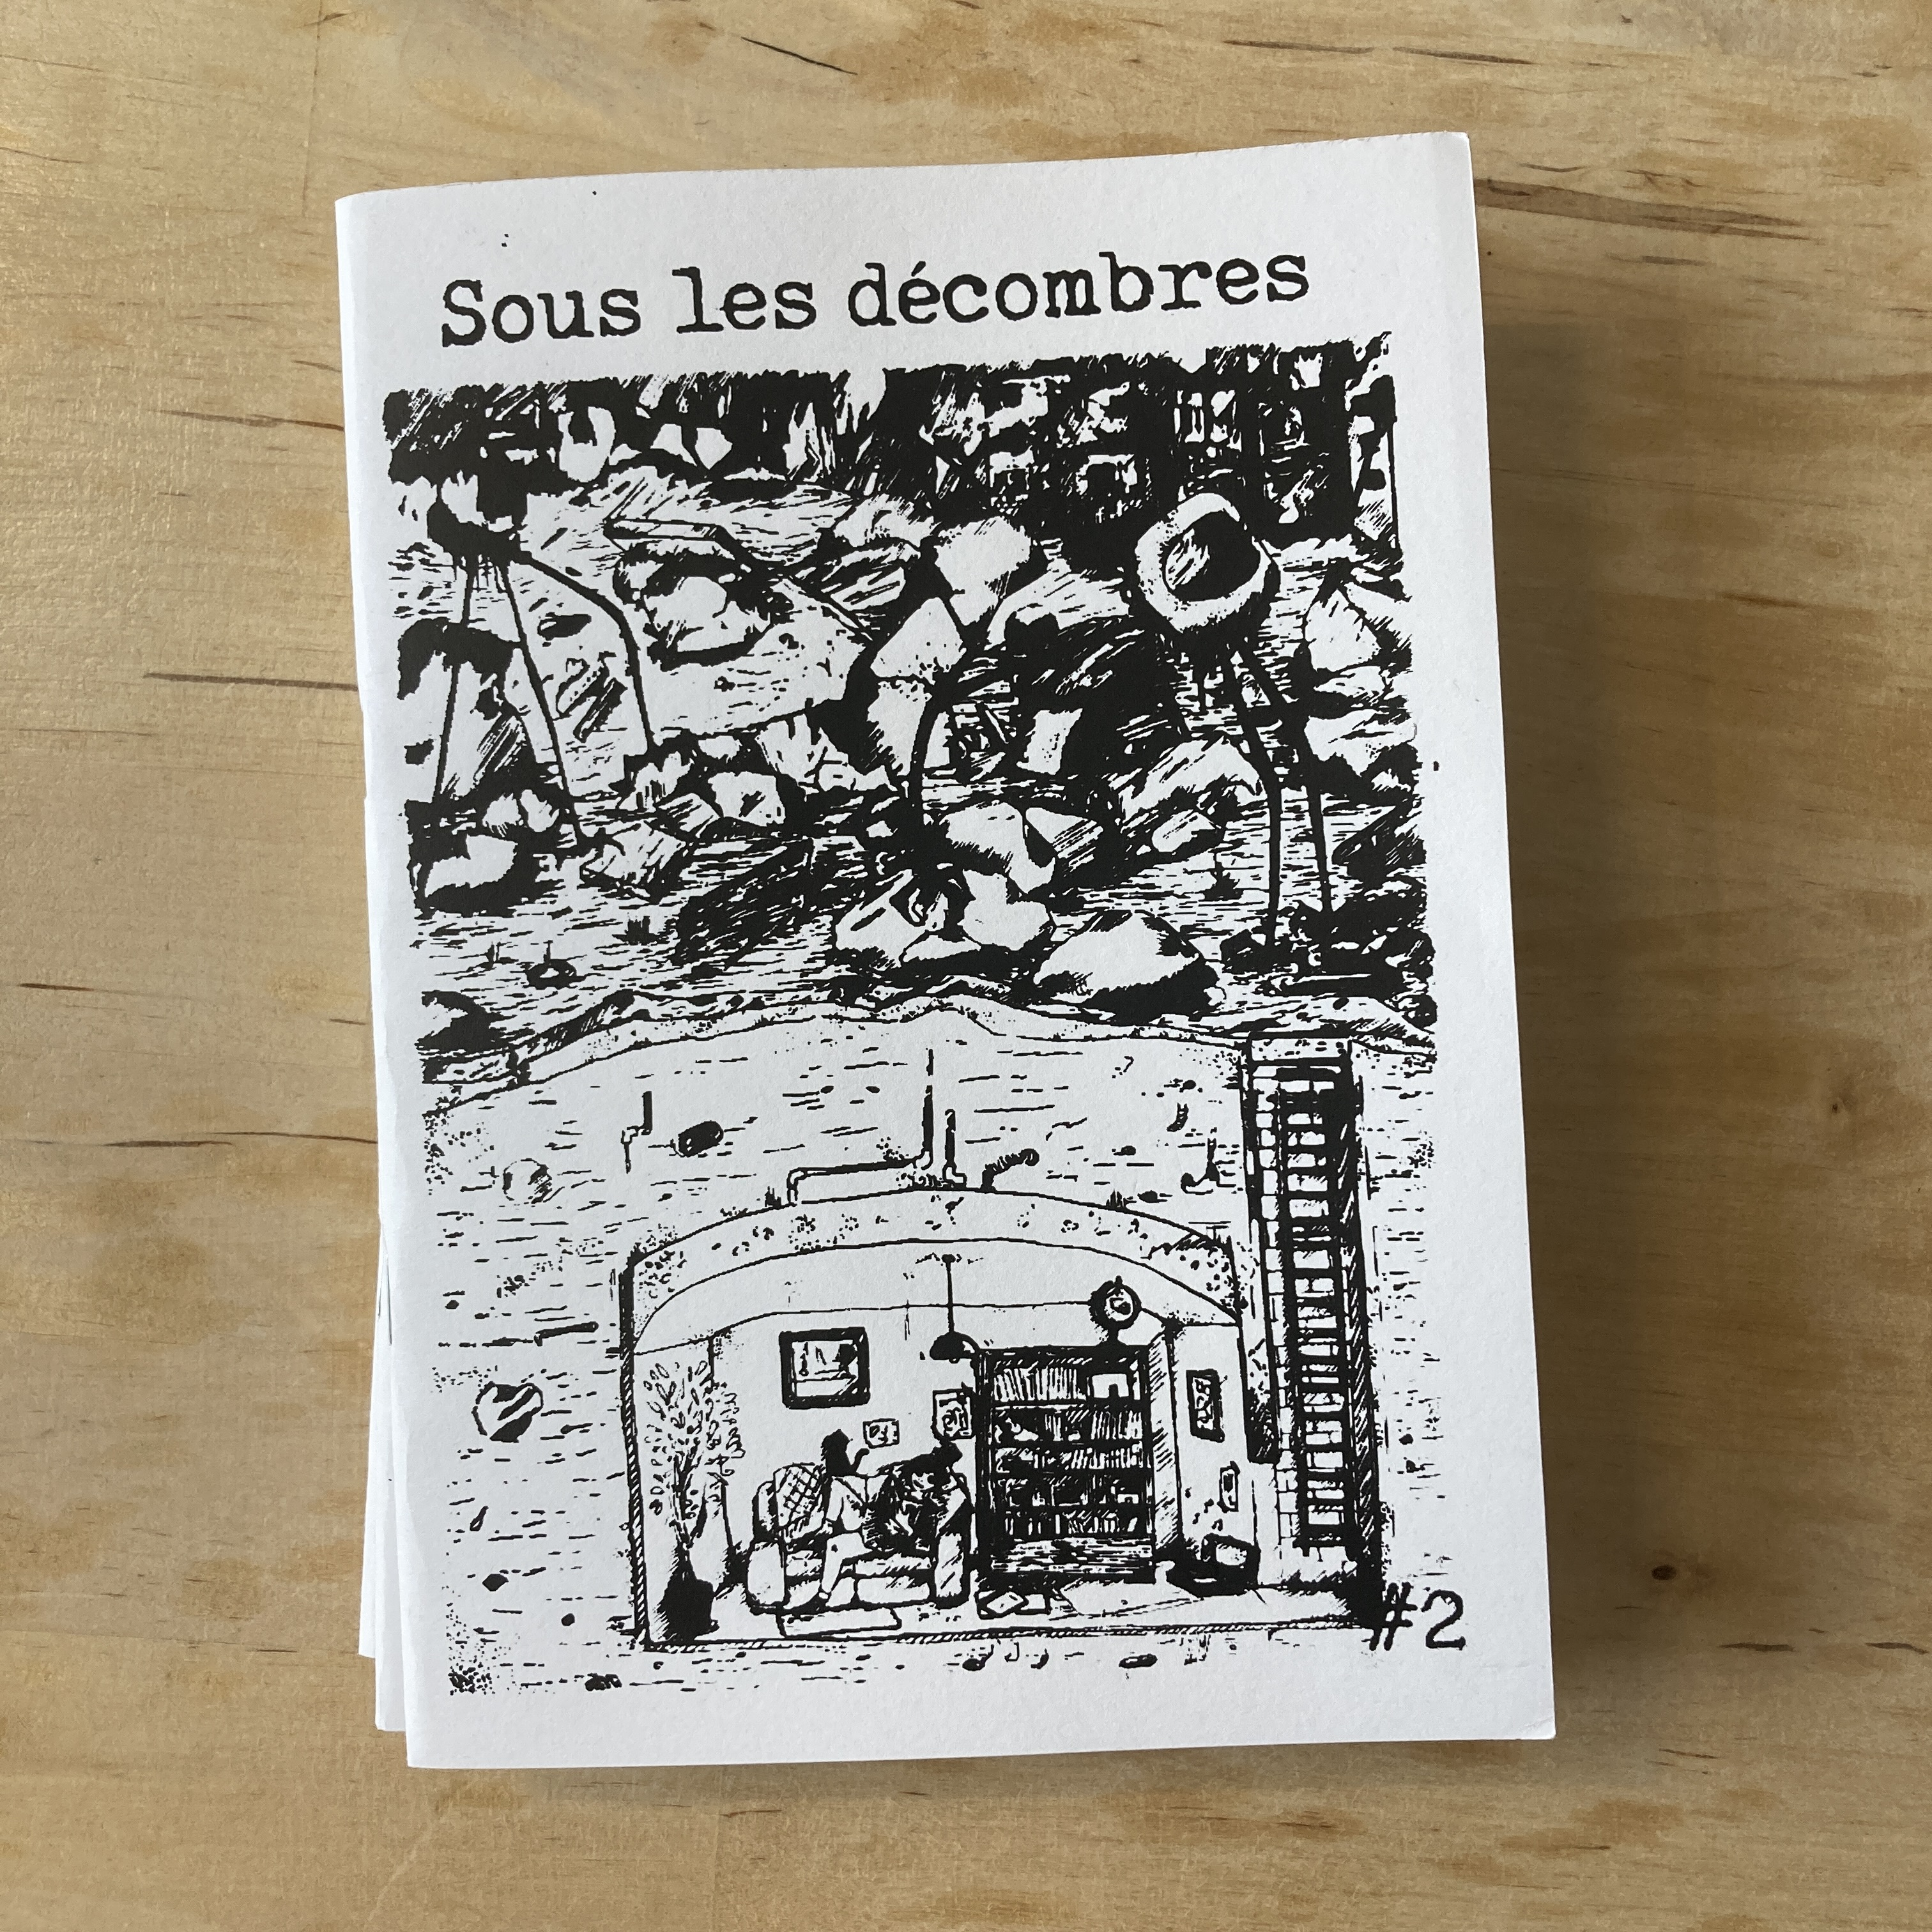 Sous les décombres - fanzine #02